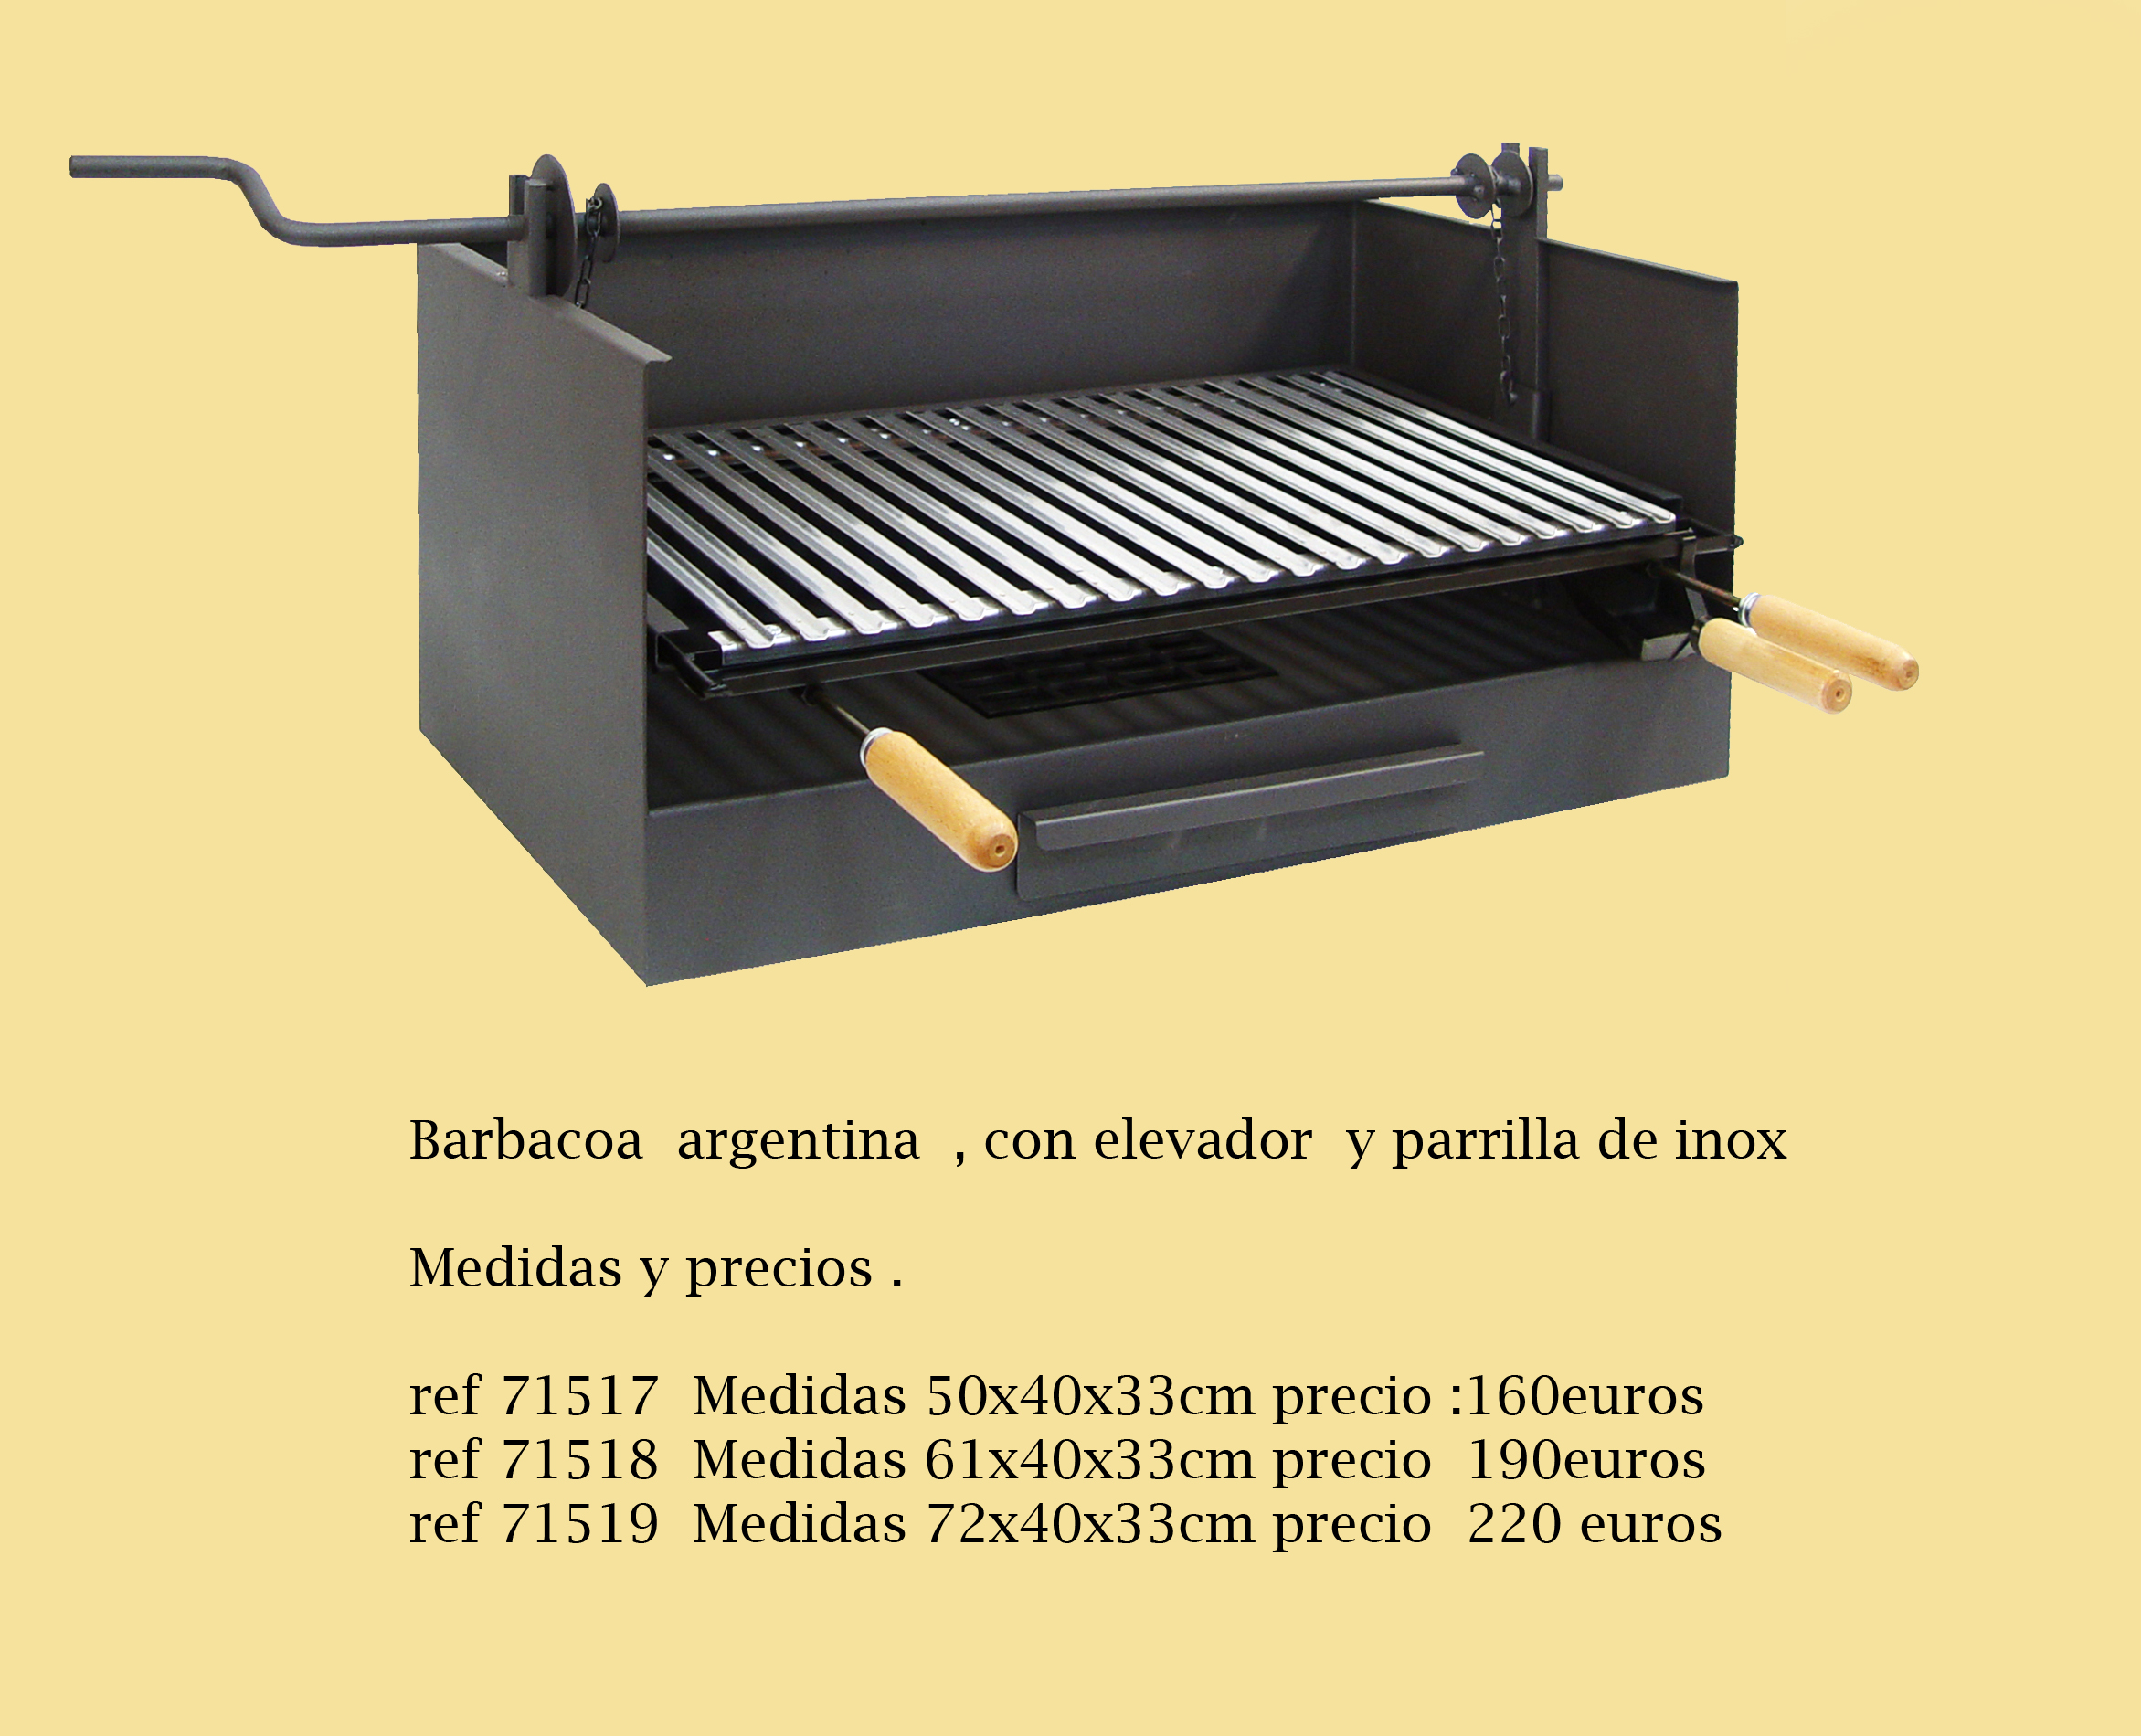 Barbacoa argentina con elevador ref 71517 barbacoas y - Barbacoas a medida ...